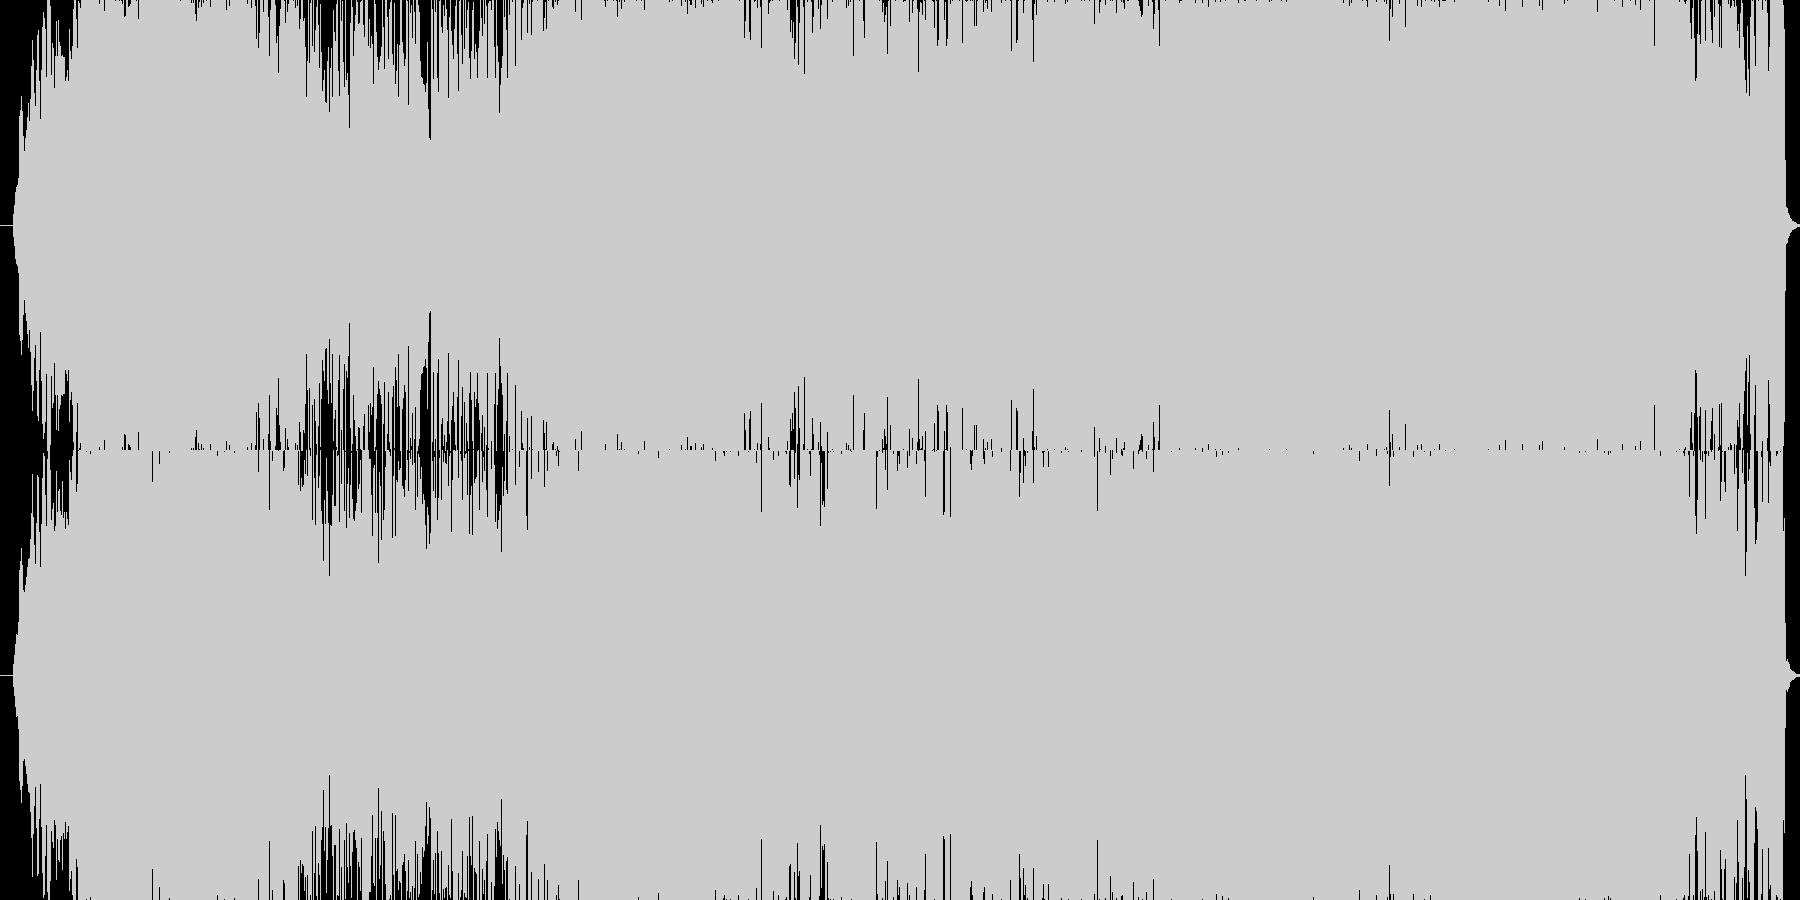 ミステリアスで疾走感のあるサウンドの未再生の波形